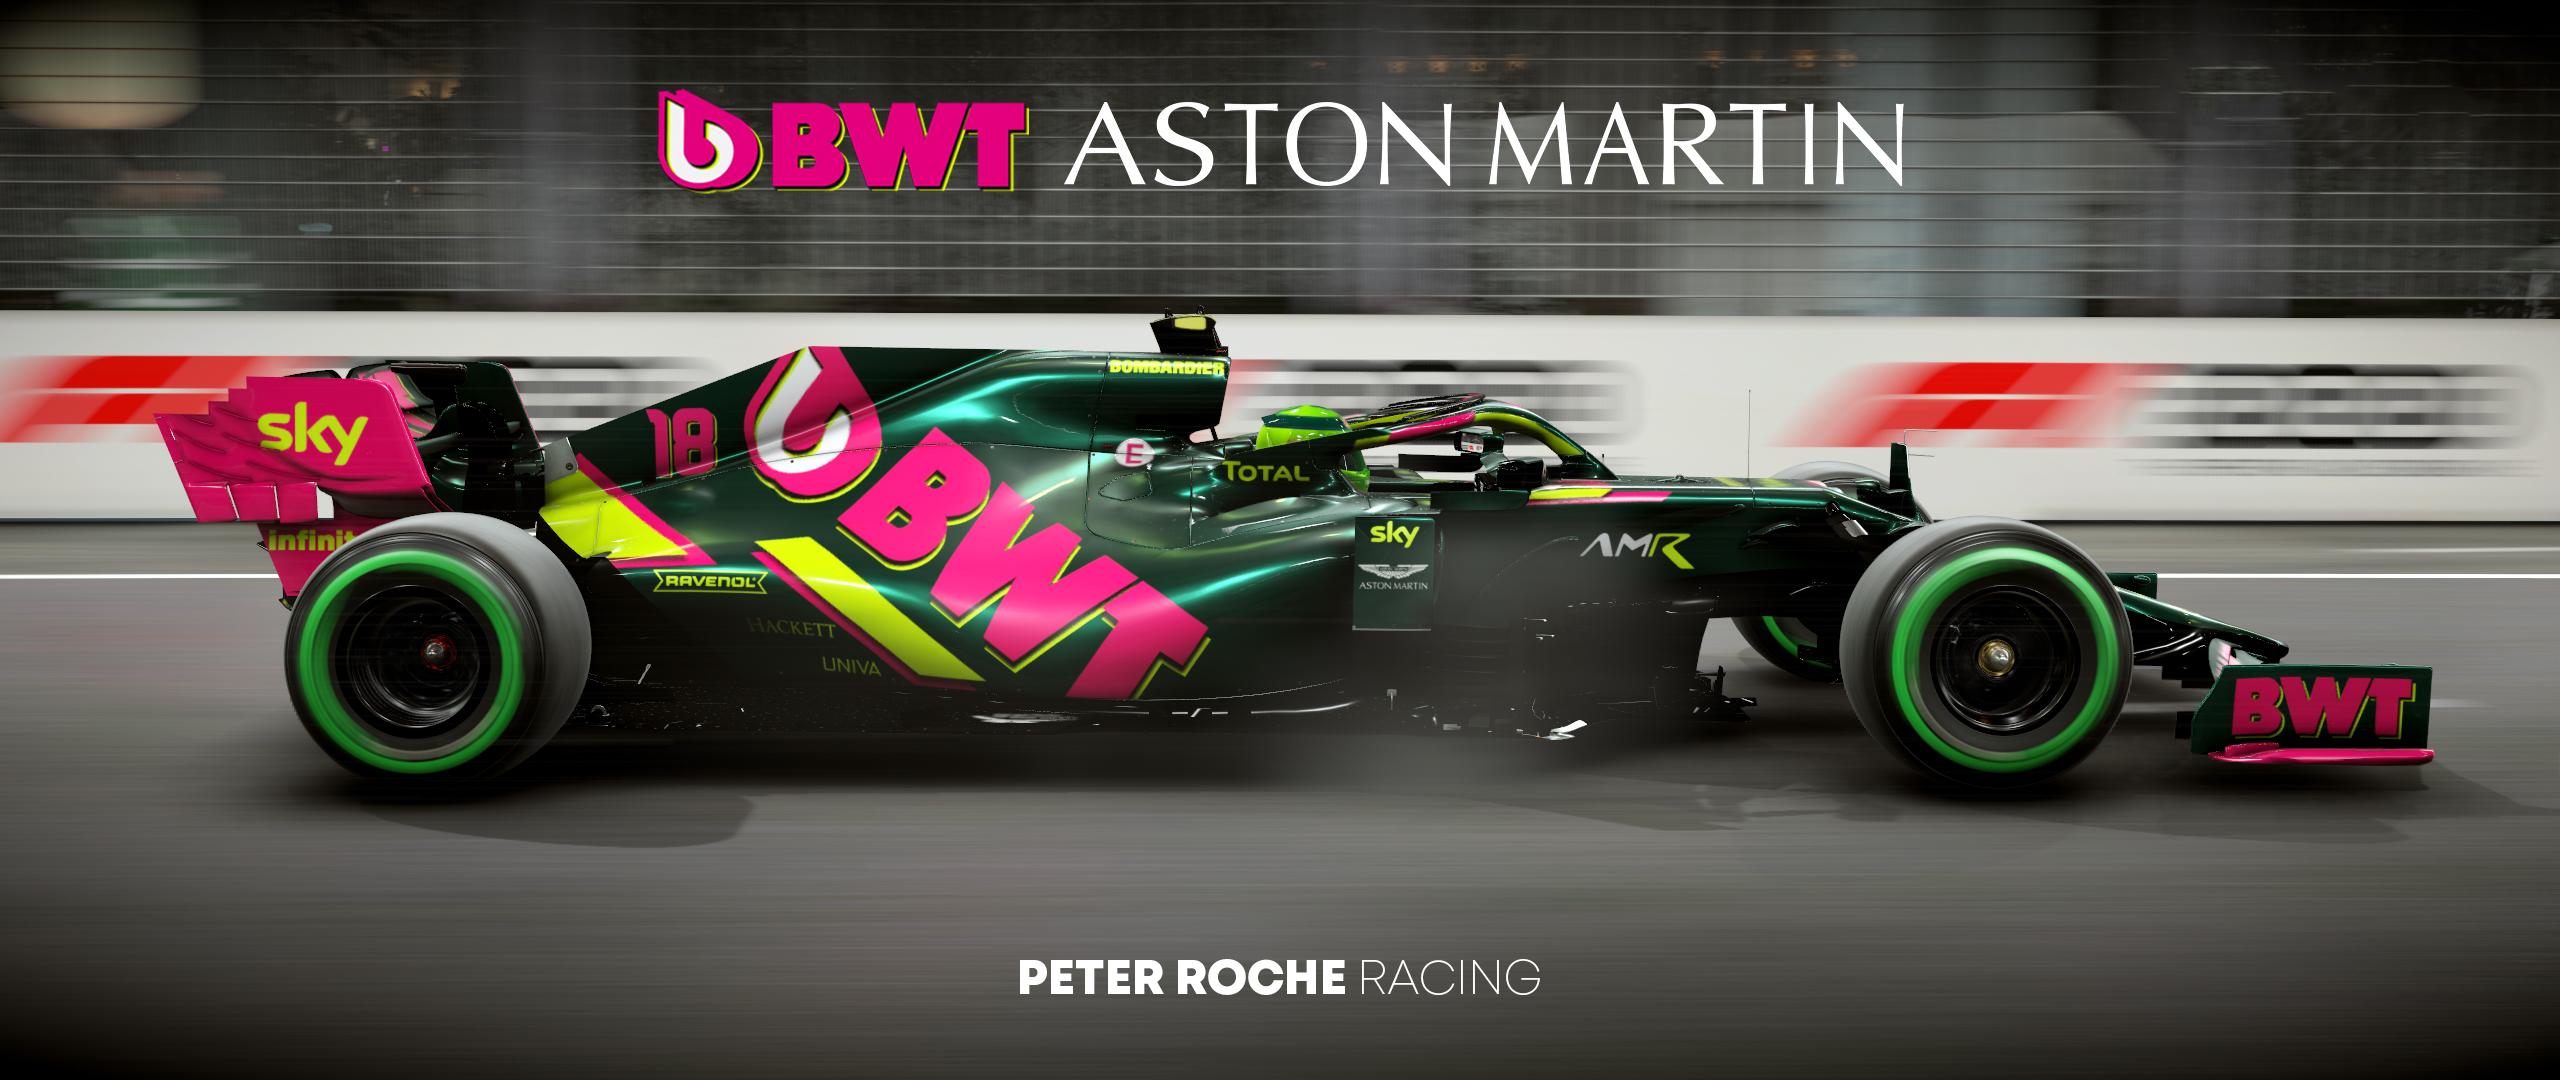 2021 Bwt Aston Martin Full Team Fantasy Package Racedepartment